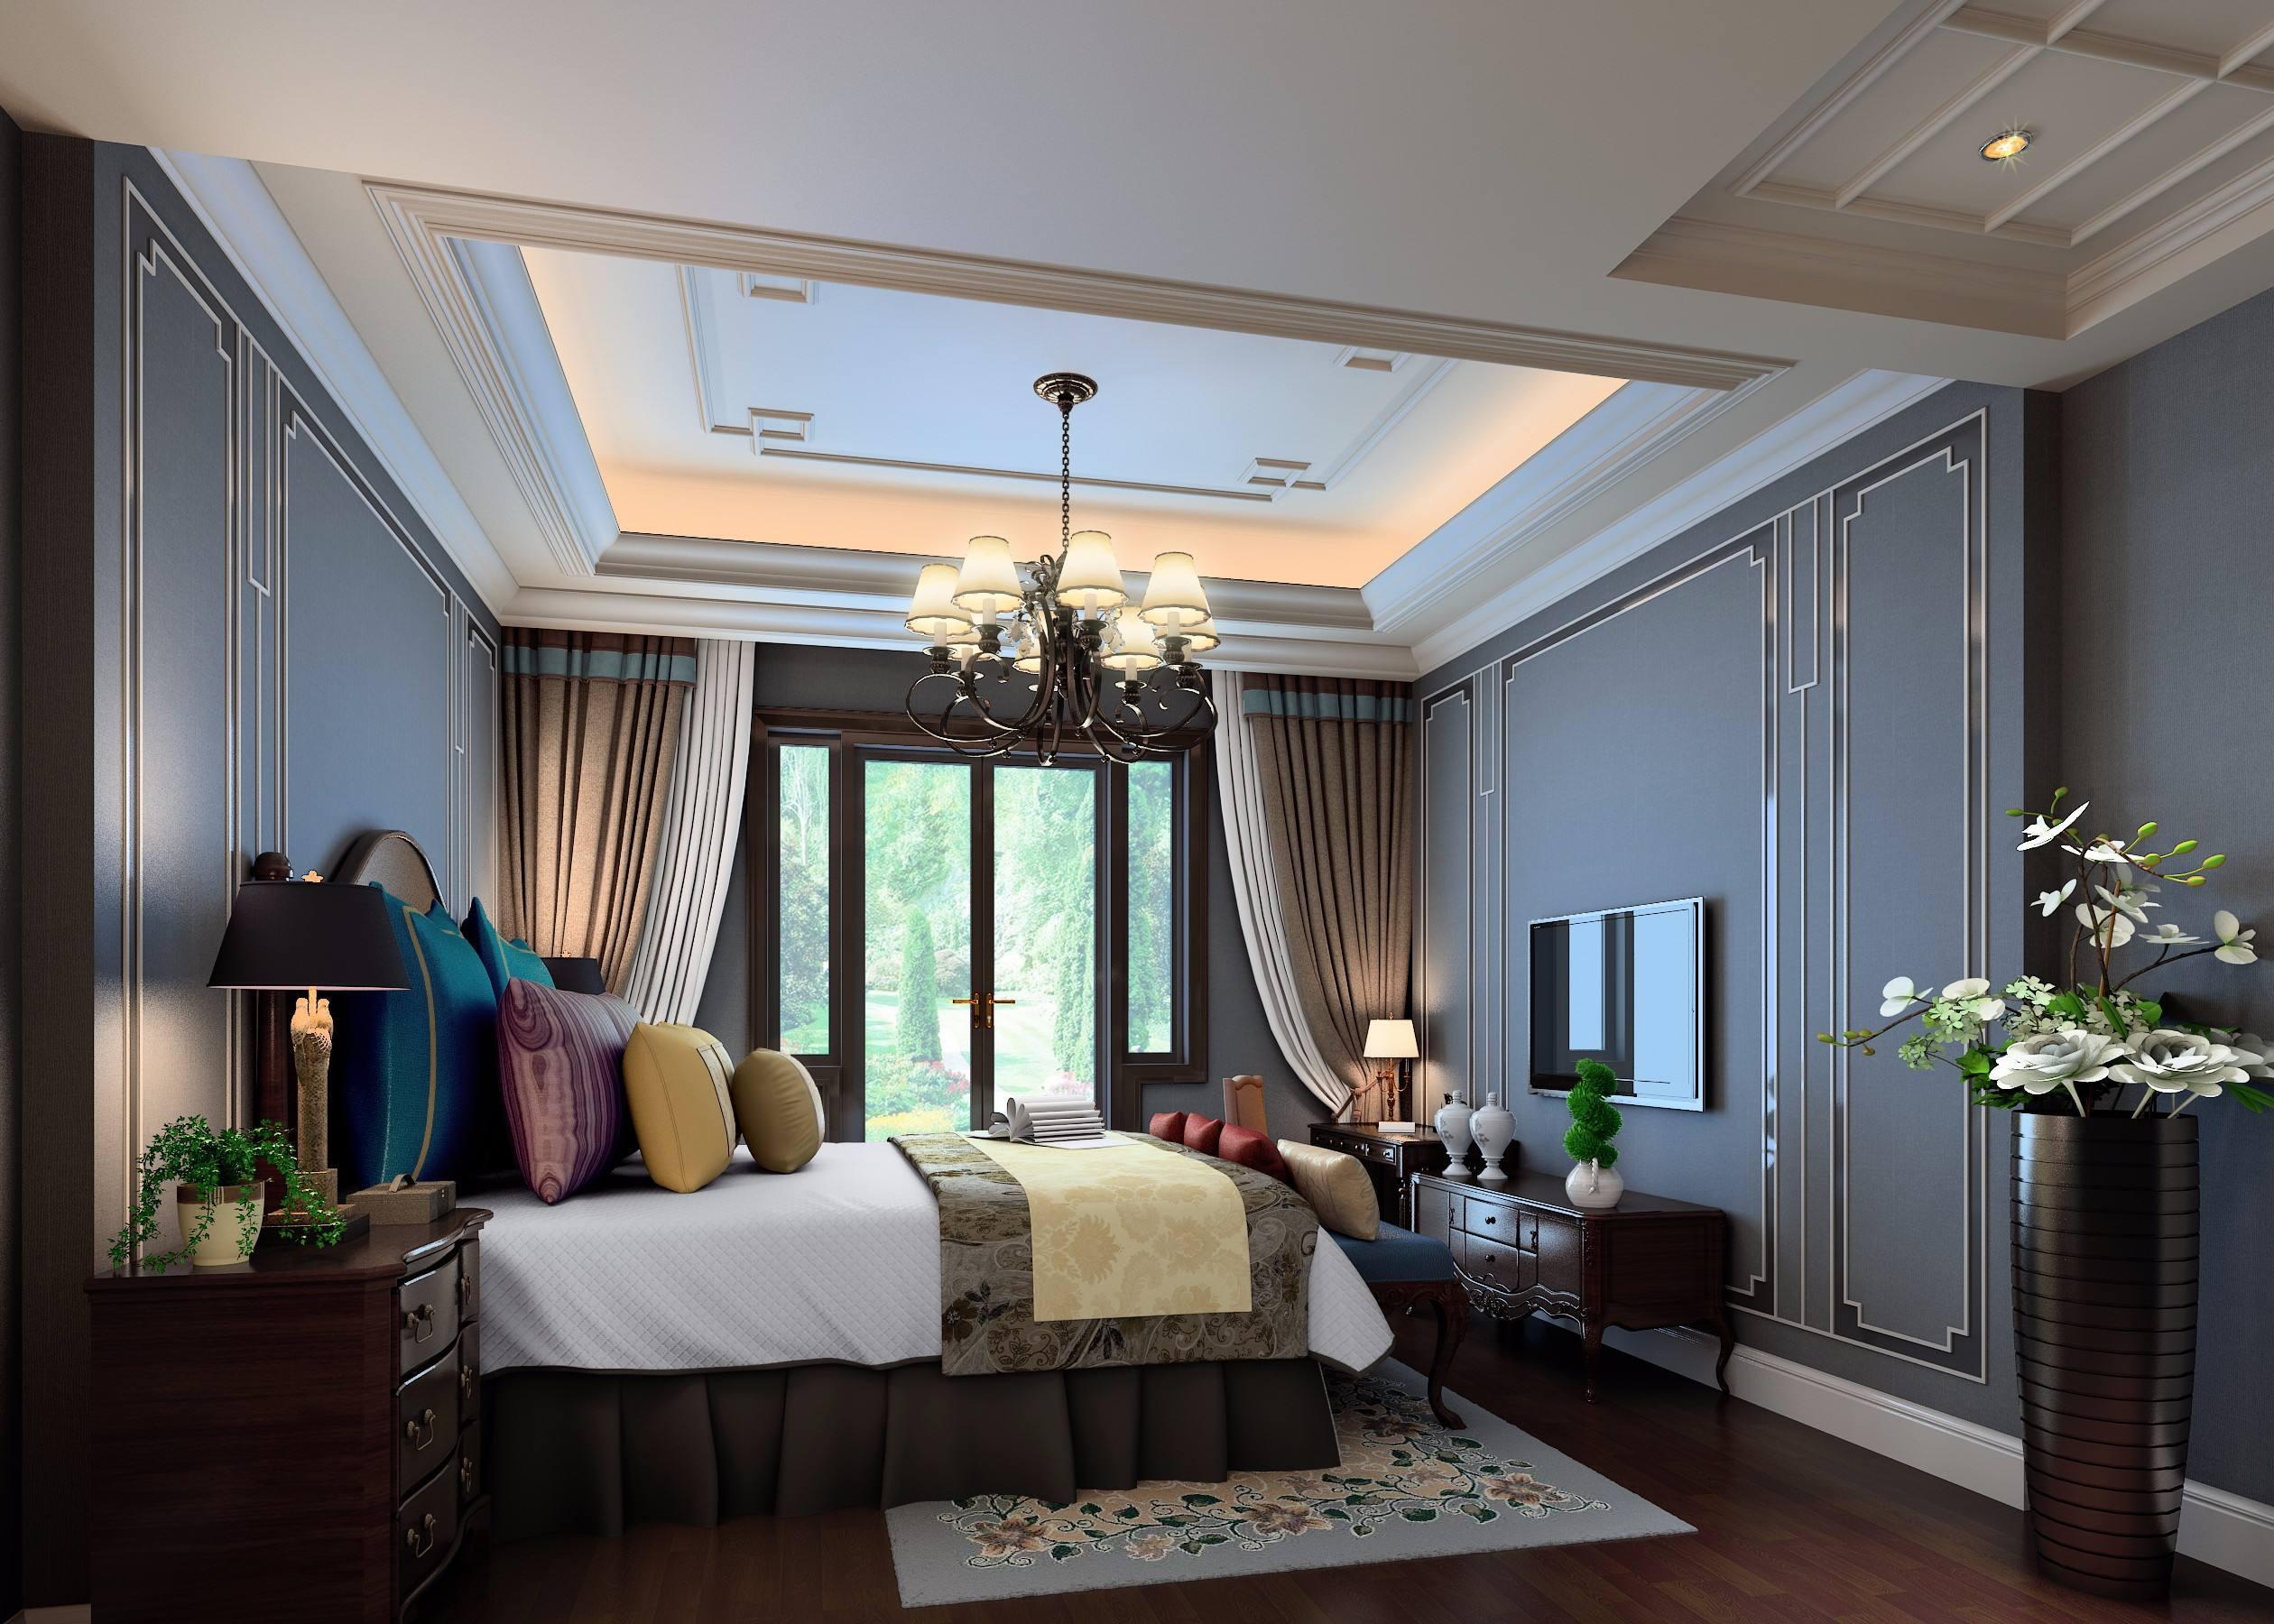 140平米别墅中式古典风格红木家具配窗帘装修效果图